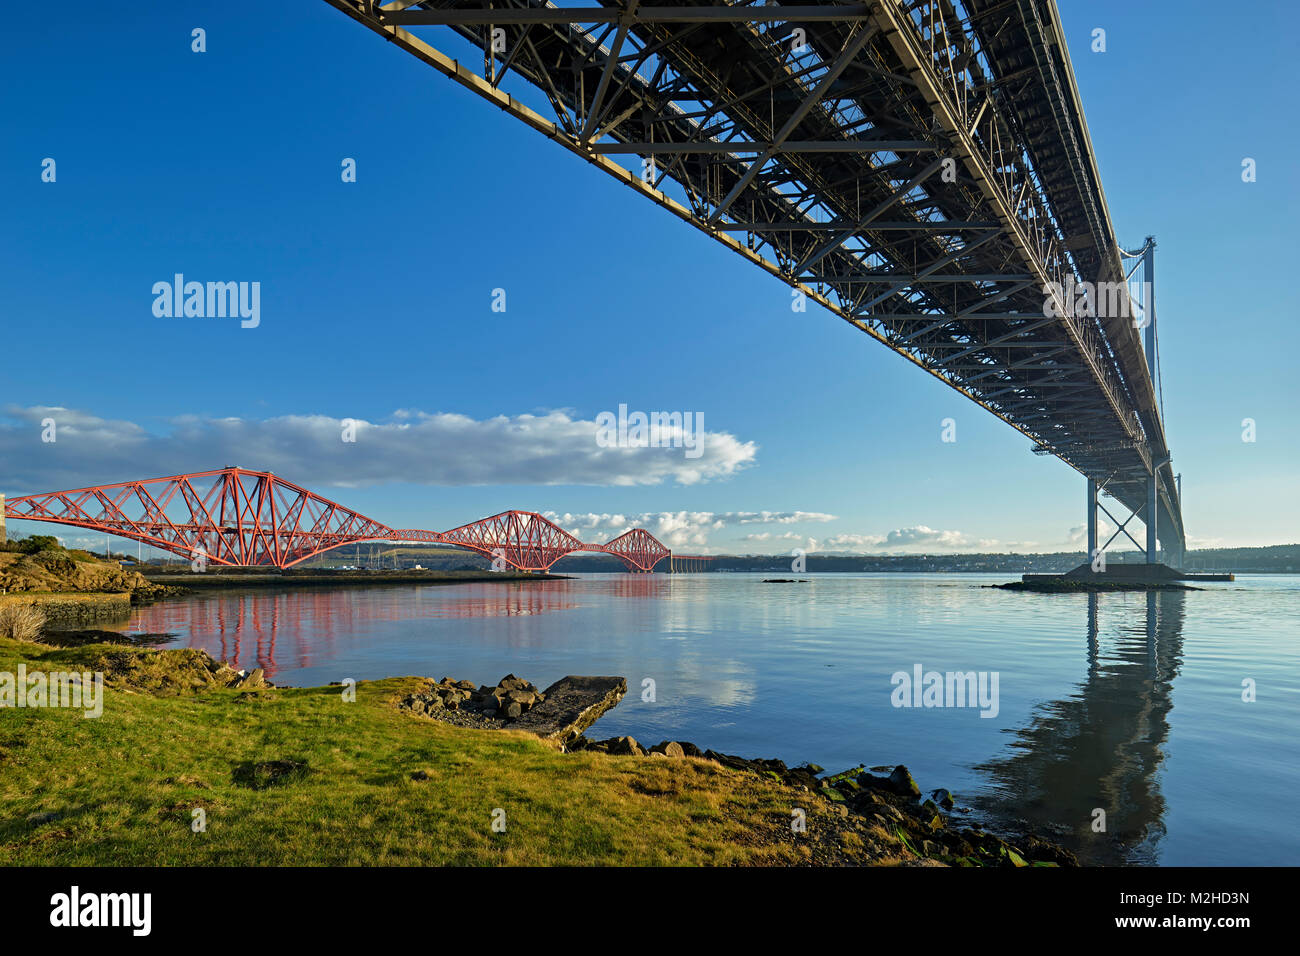 Forth Road Bridge y el puente ferroviario de Forth desde North Queensferry, Fife, Escocia. Foto de stock